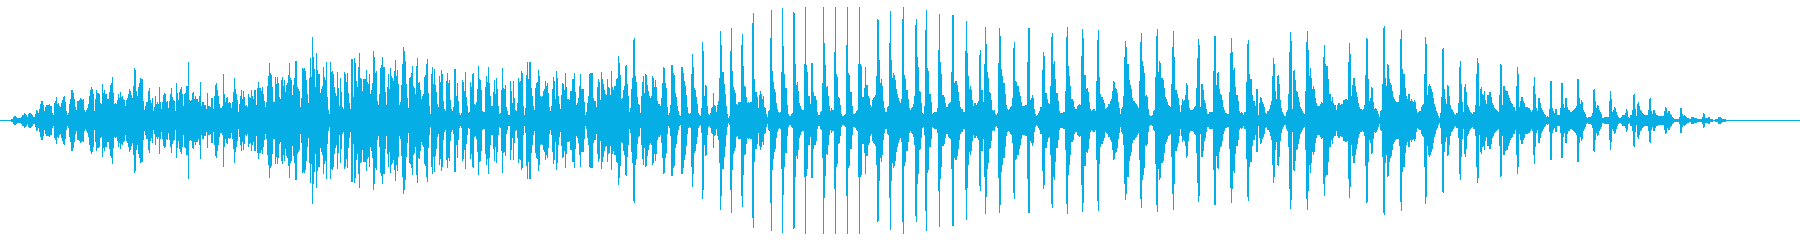 グオーン(低音の長めの効果音)の再生済みの波形